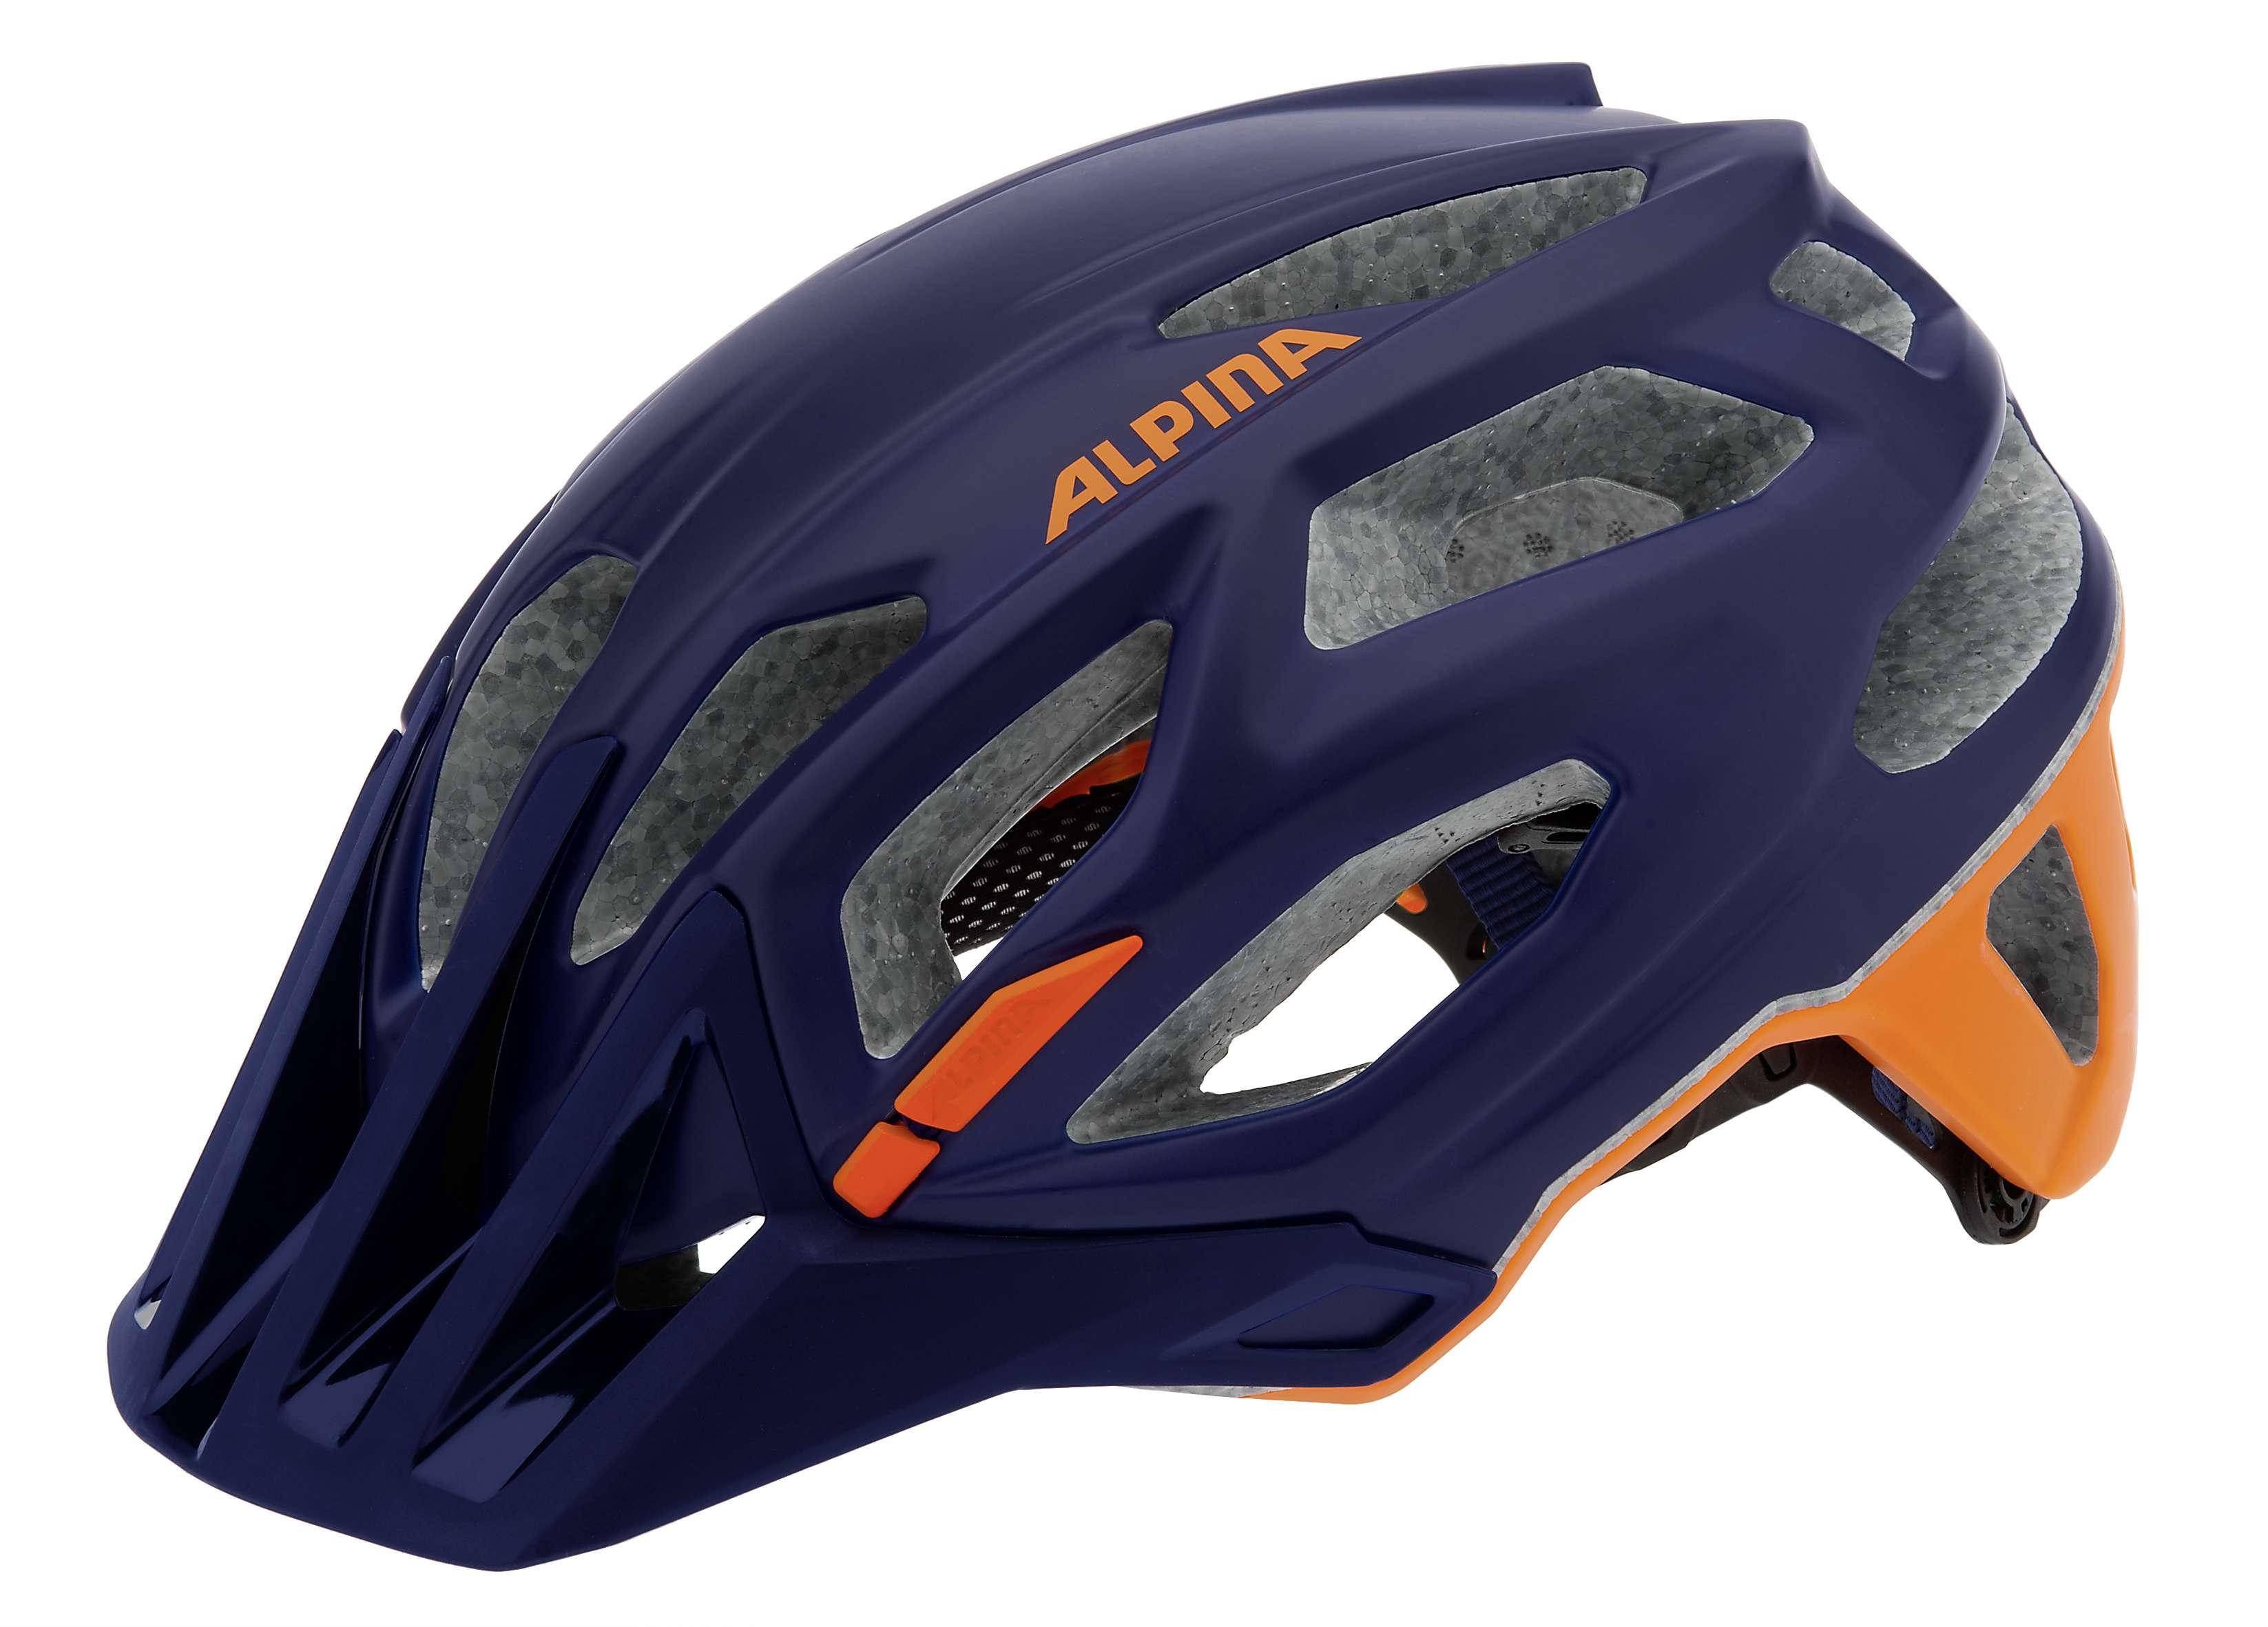 Купить Летний шлем Alpina Enduro Garbanzo darkblue-orange, Шлемы велосипедные, 1179833